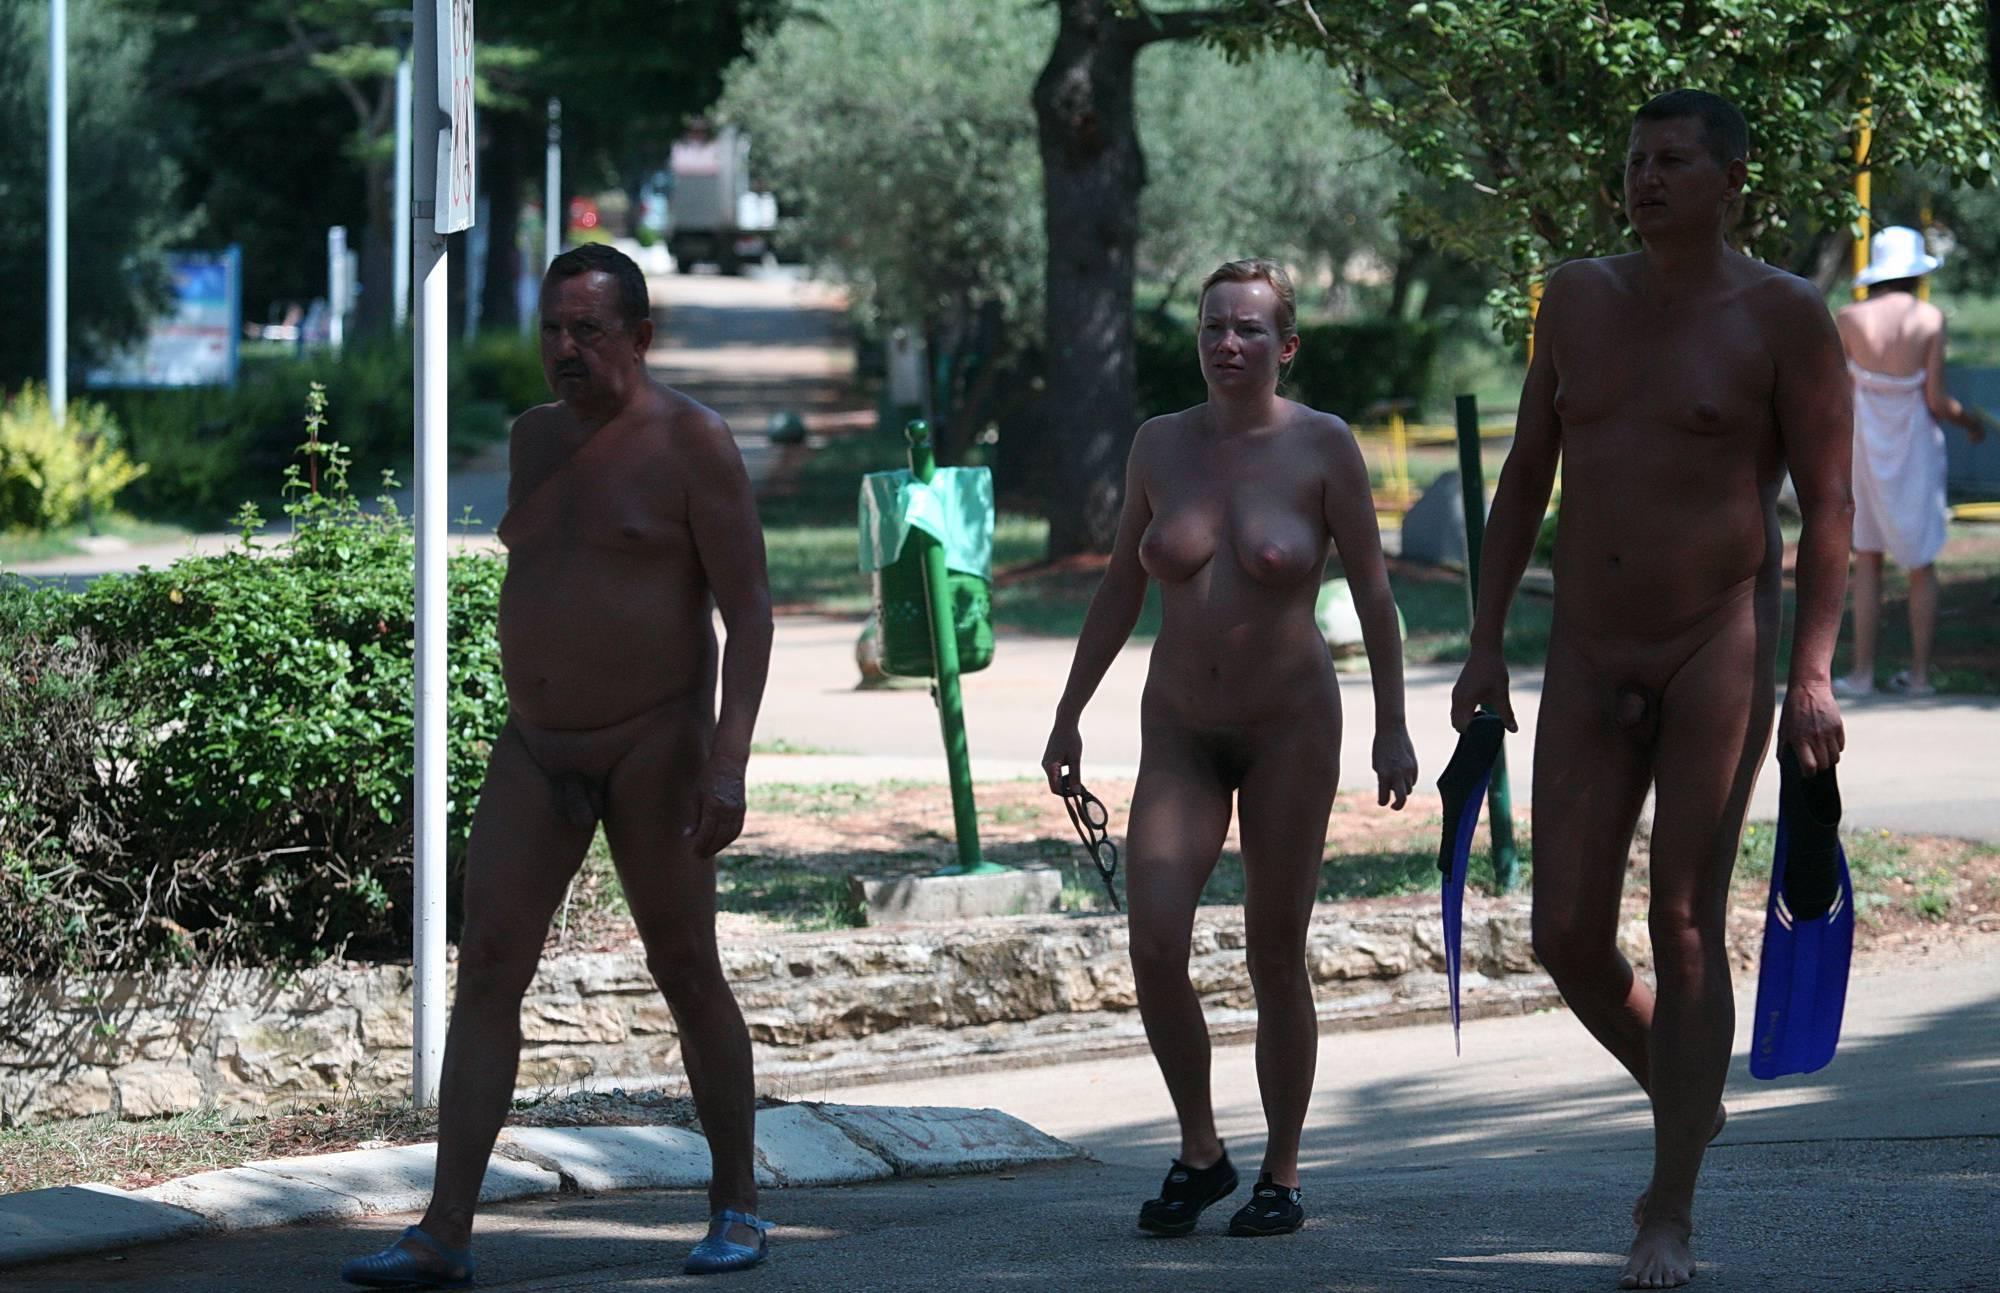 More Aged Nudists Walks - 1